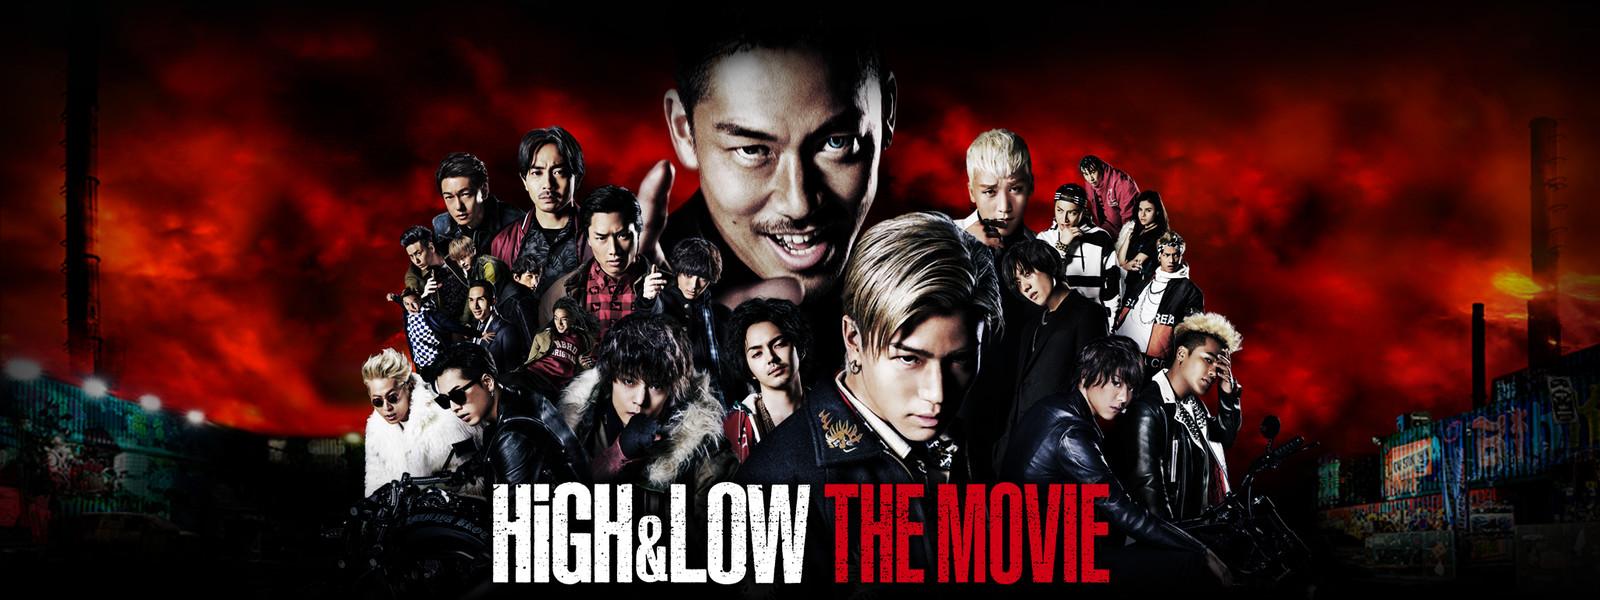 映画「HiGH&LOW THE MOVIE」がフルで無料視聴できる動画配信サービス。HuluやNetflixで観れる?